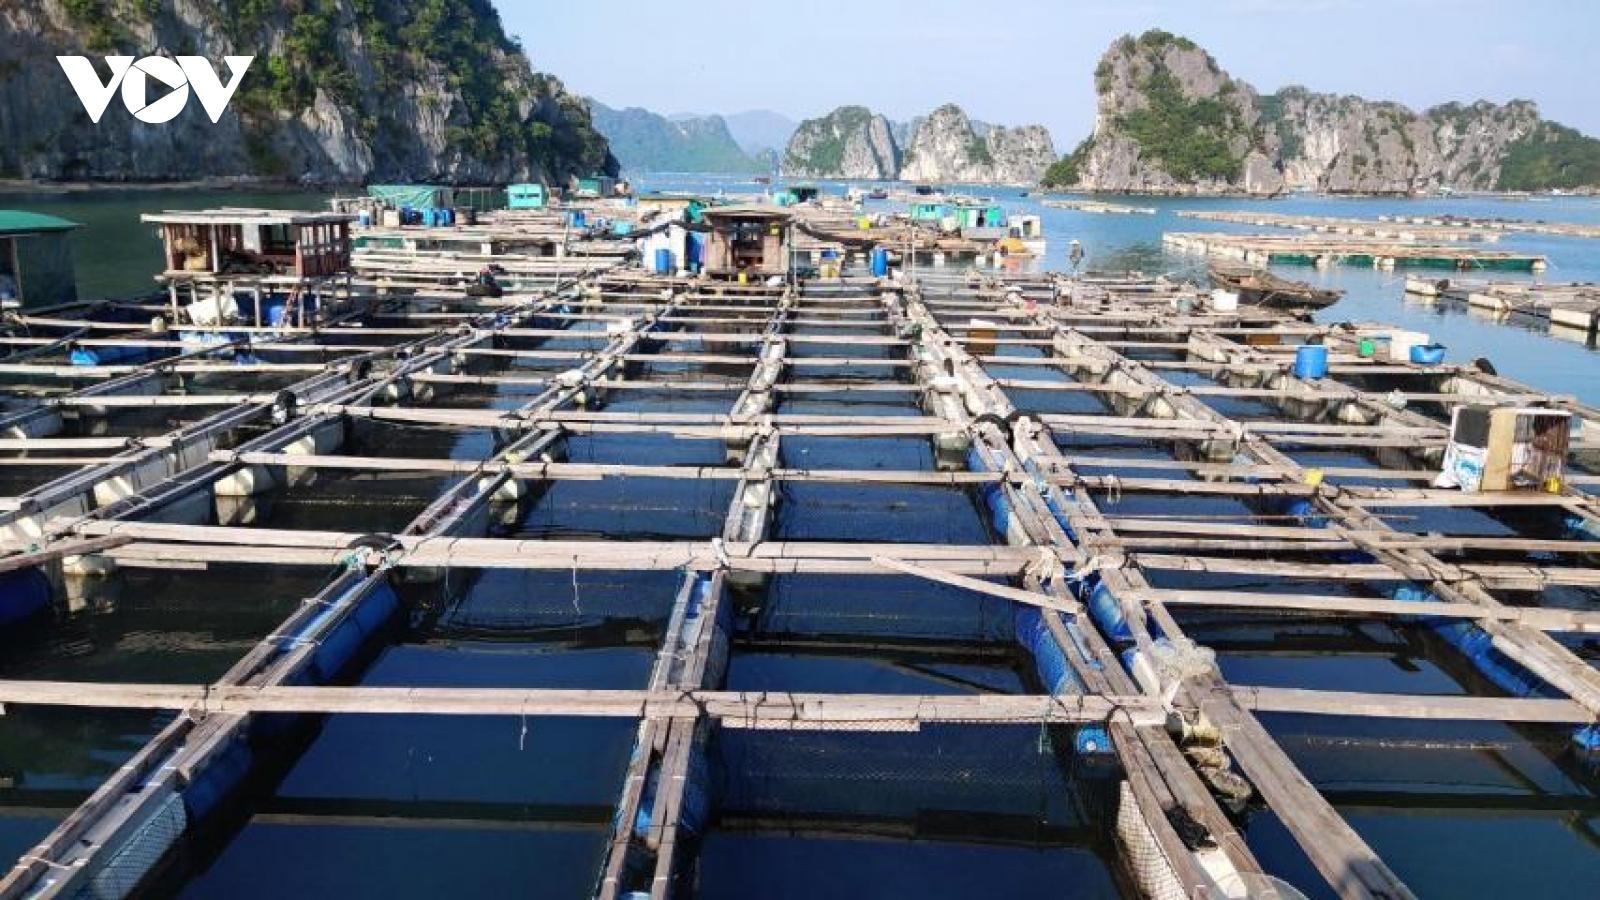 Ngao hai cùi ở Quảng Ninh rớt giá khiến người nuôi lao đao